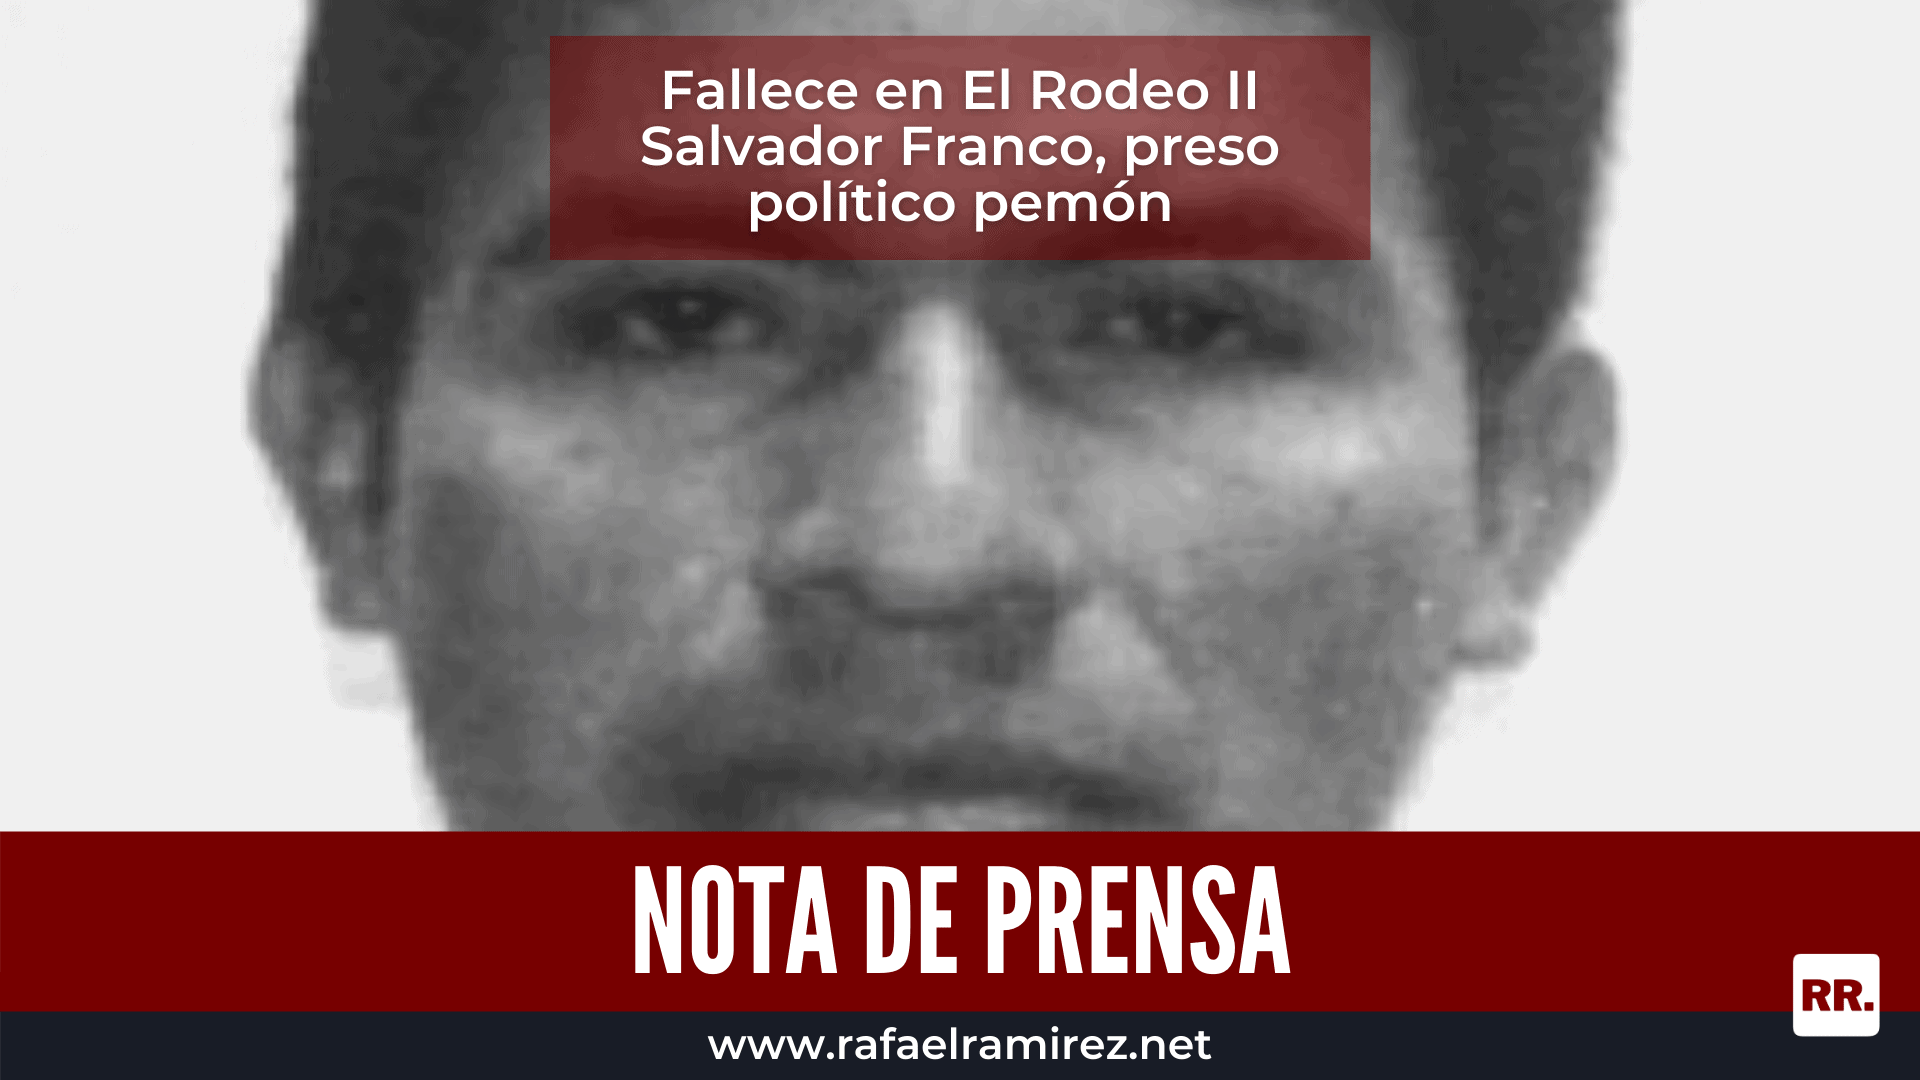 Fallece en El Rodeo II Salvador Franco, preso político pemón